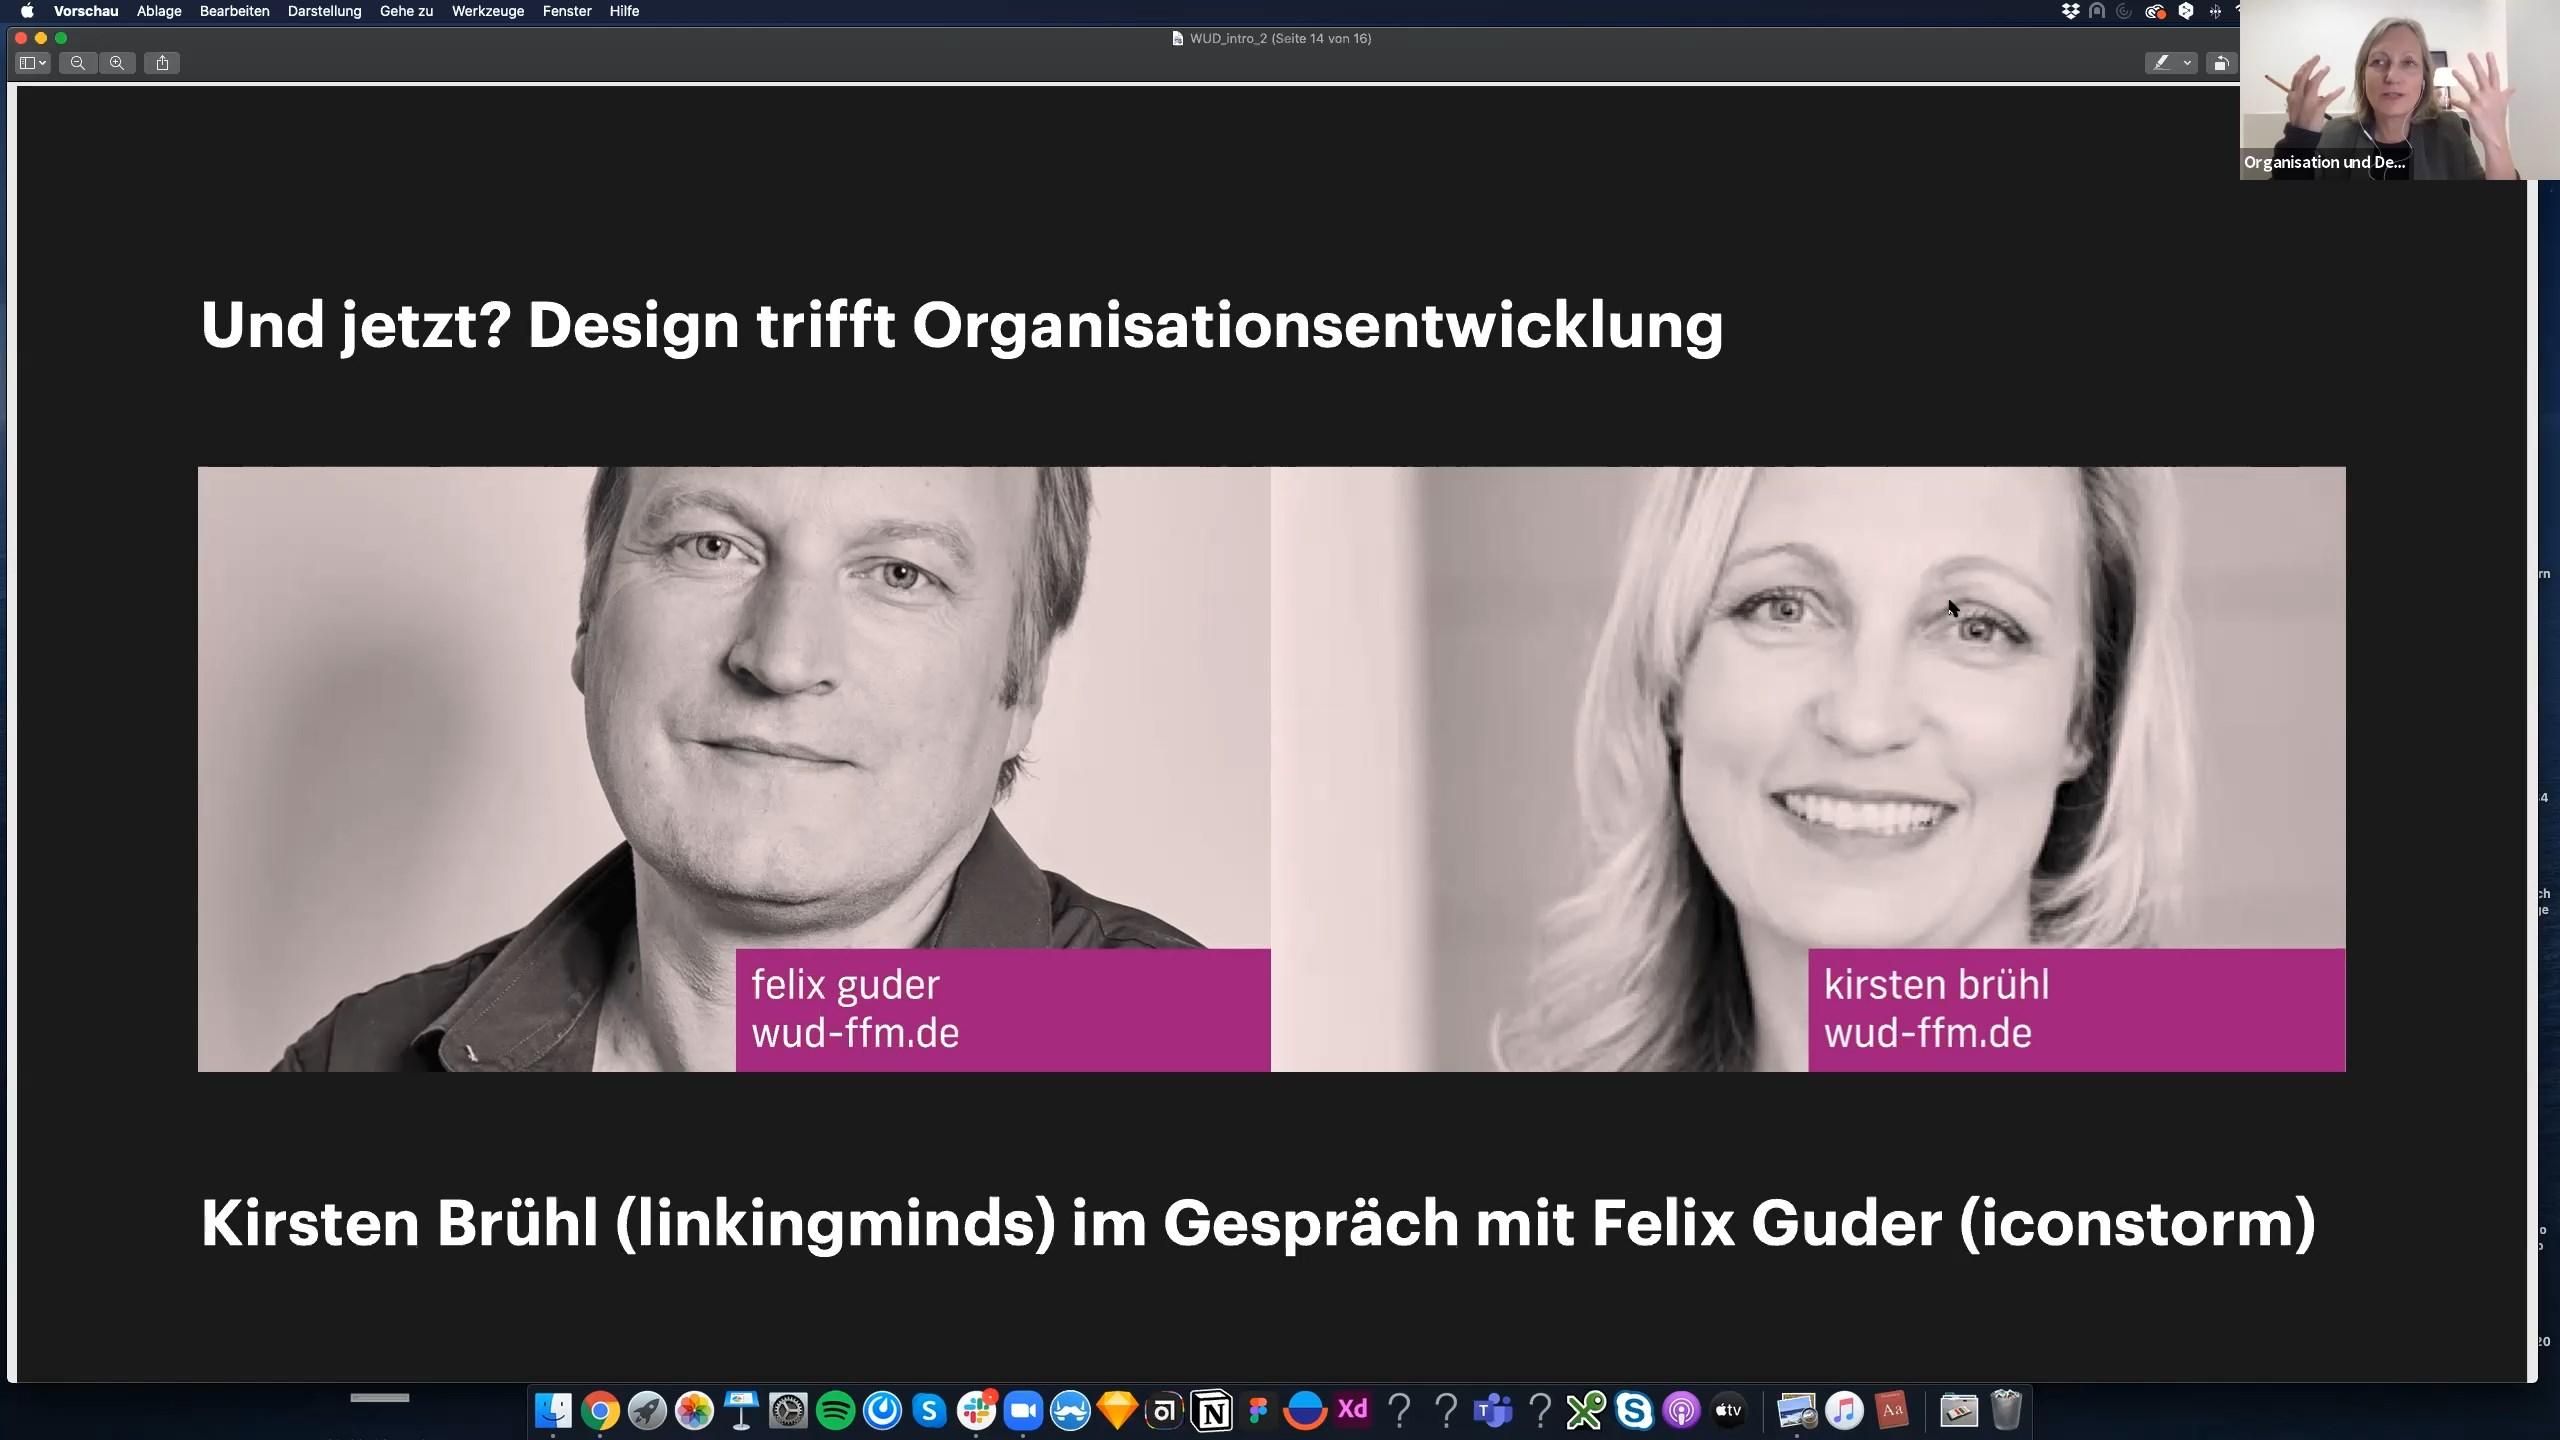 Design trifft Organisationsentwicklung – Kirsten Brühl im Gespräch mit Felix Guder